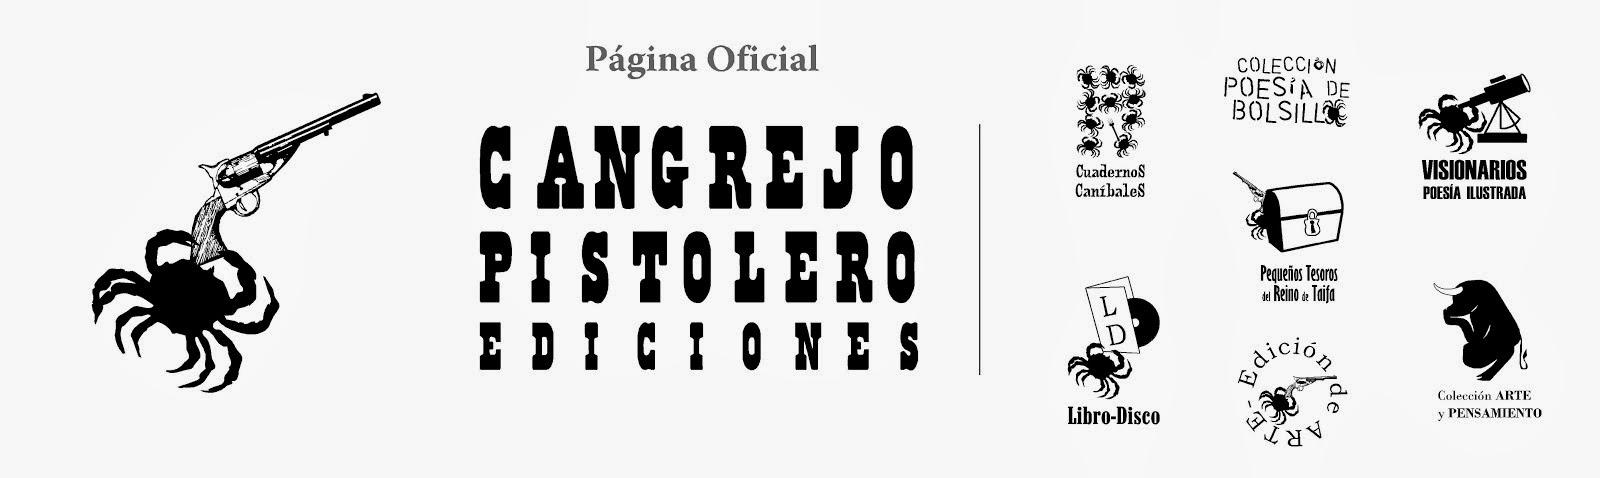 Cangrejo Pistolero Ediciones